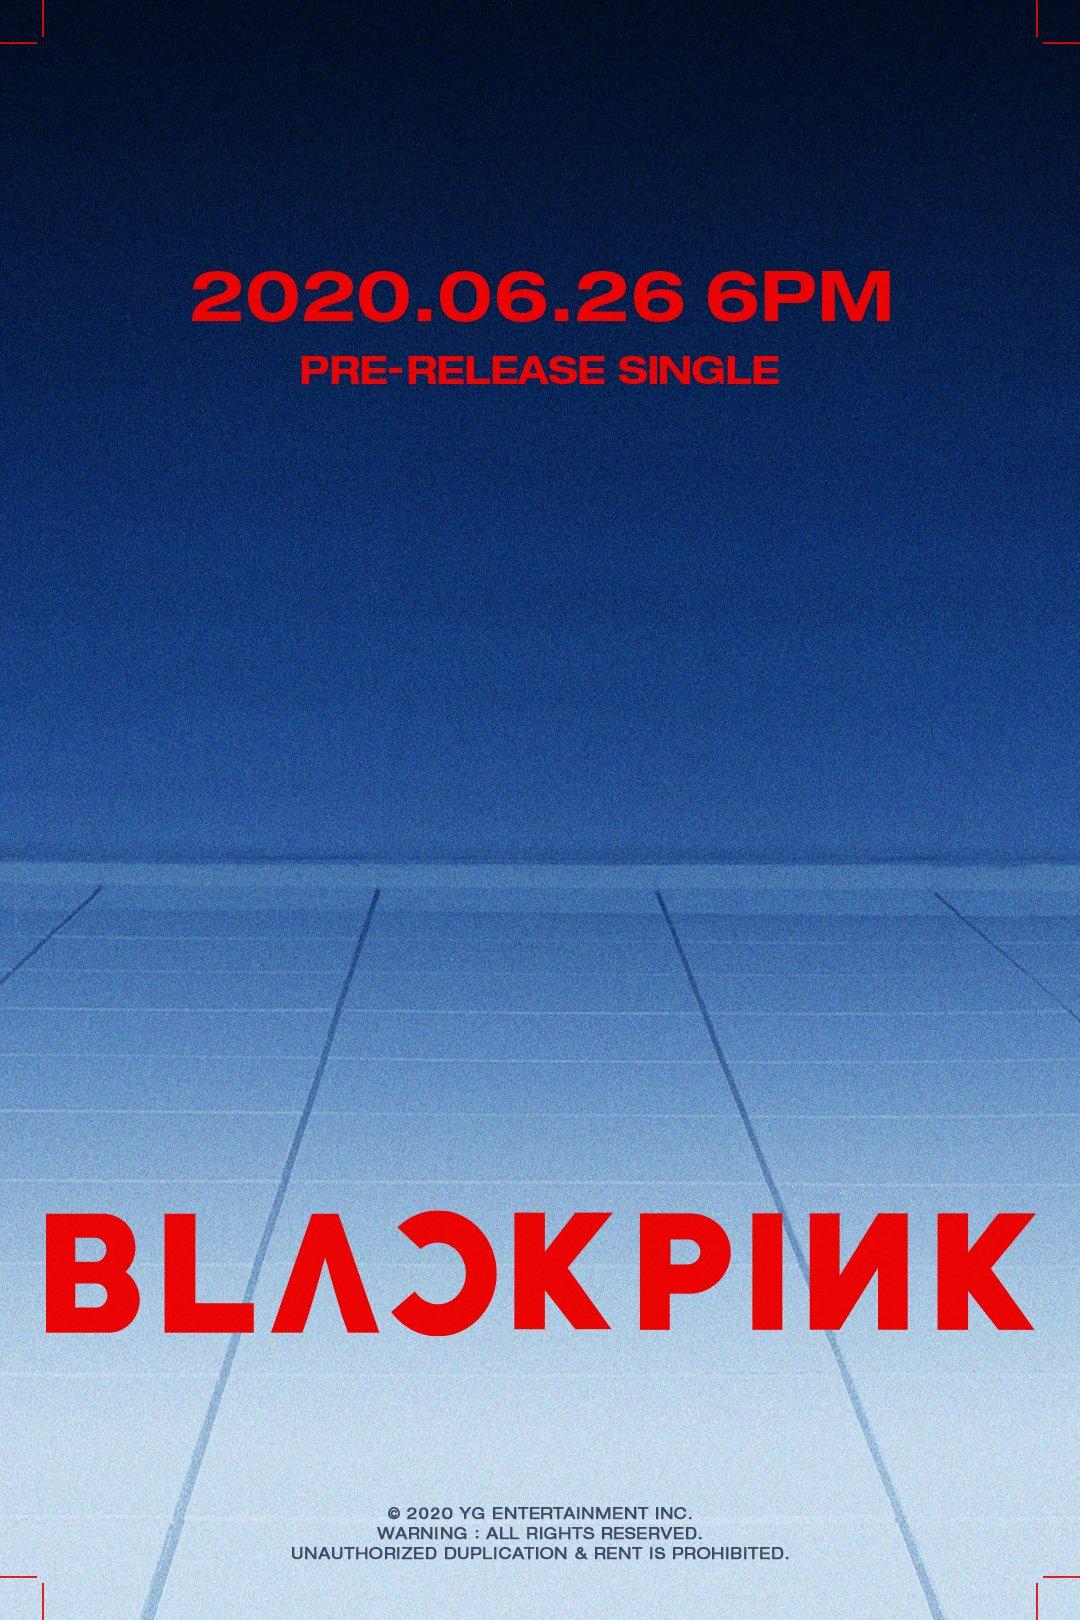 Blackpink viene con todo para su Comeback, incluyendo un single